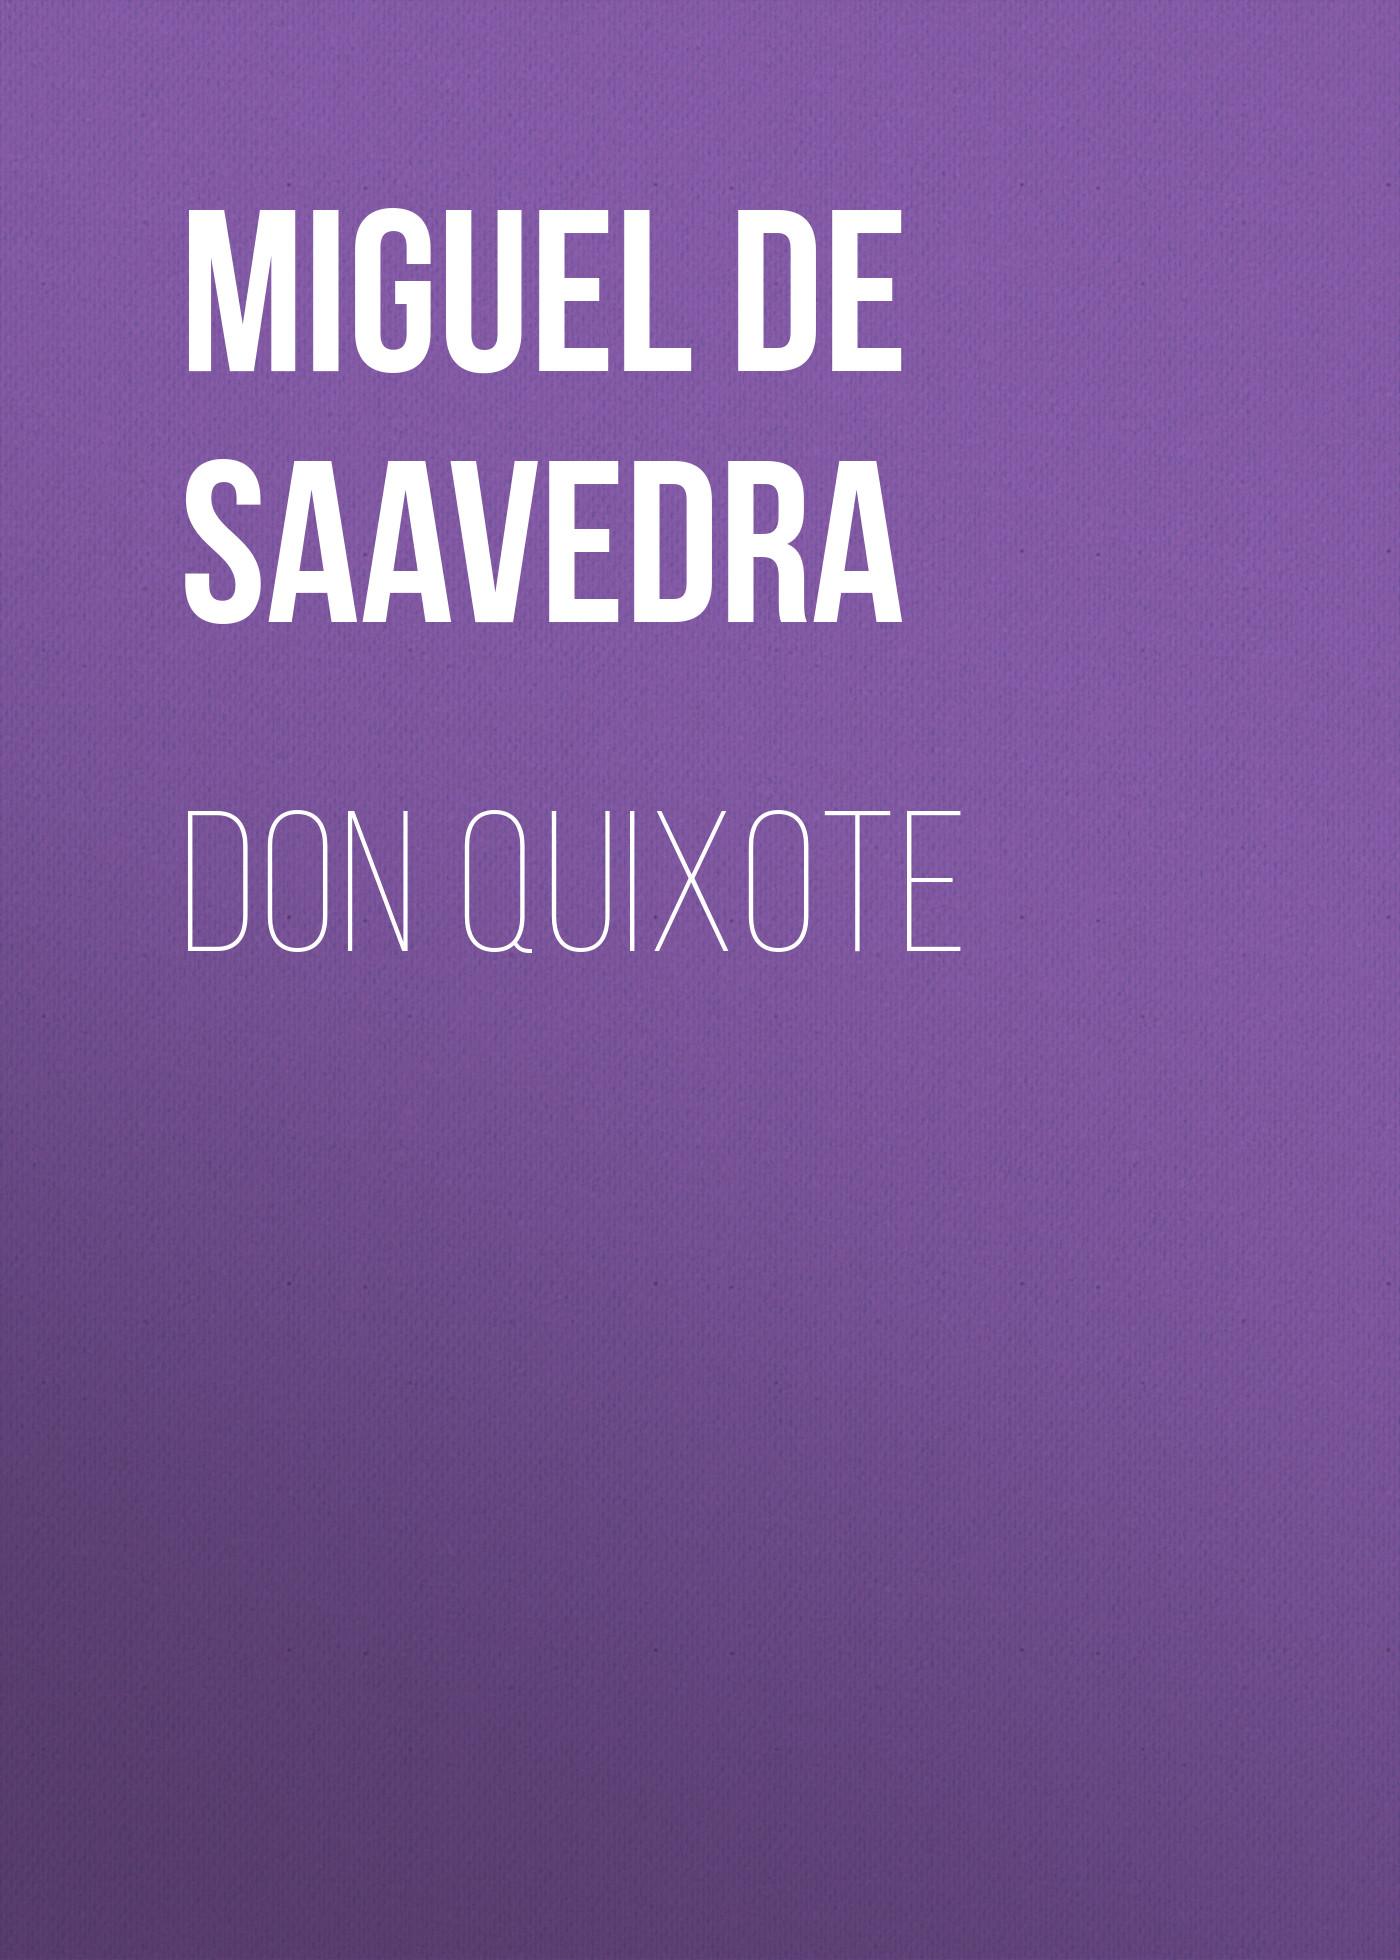 Мигель де Сервантес Сааведра Don Quixote сервантес мигель де сааведра диккенс чарльз свифт джонатан лафонтен жан де иллюстрированная классика лучшие романы и басни